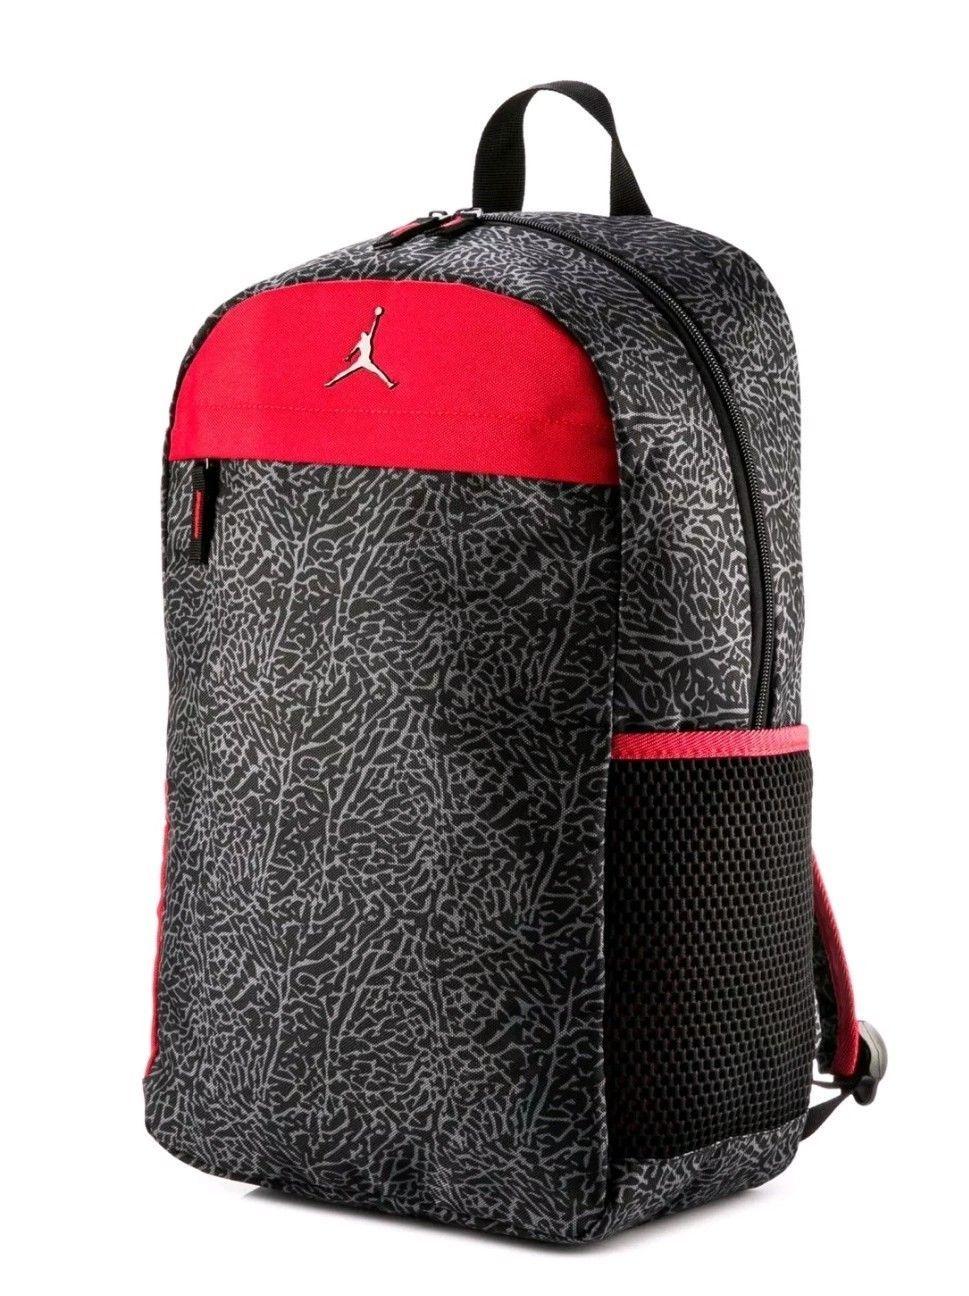 00a602e2ee2 Nike Jordan Jumpman Daybreaker, Backpack and 32 similar items. S l1600